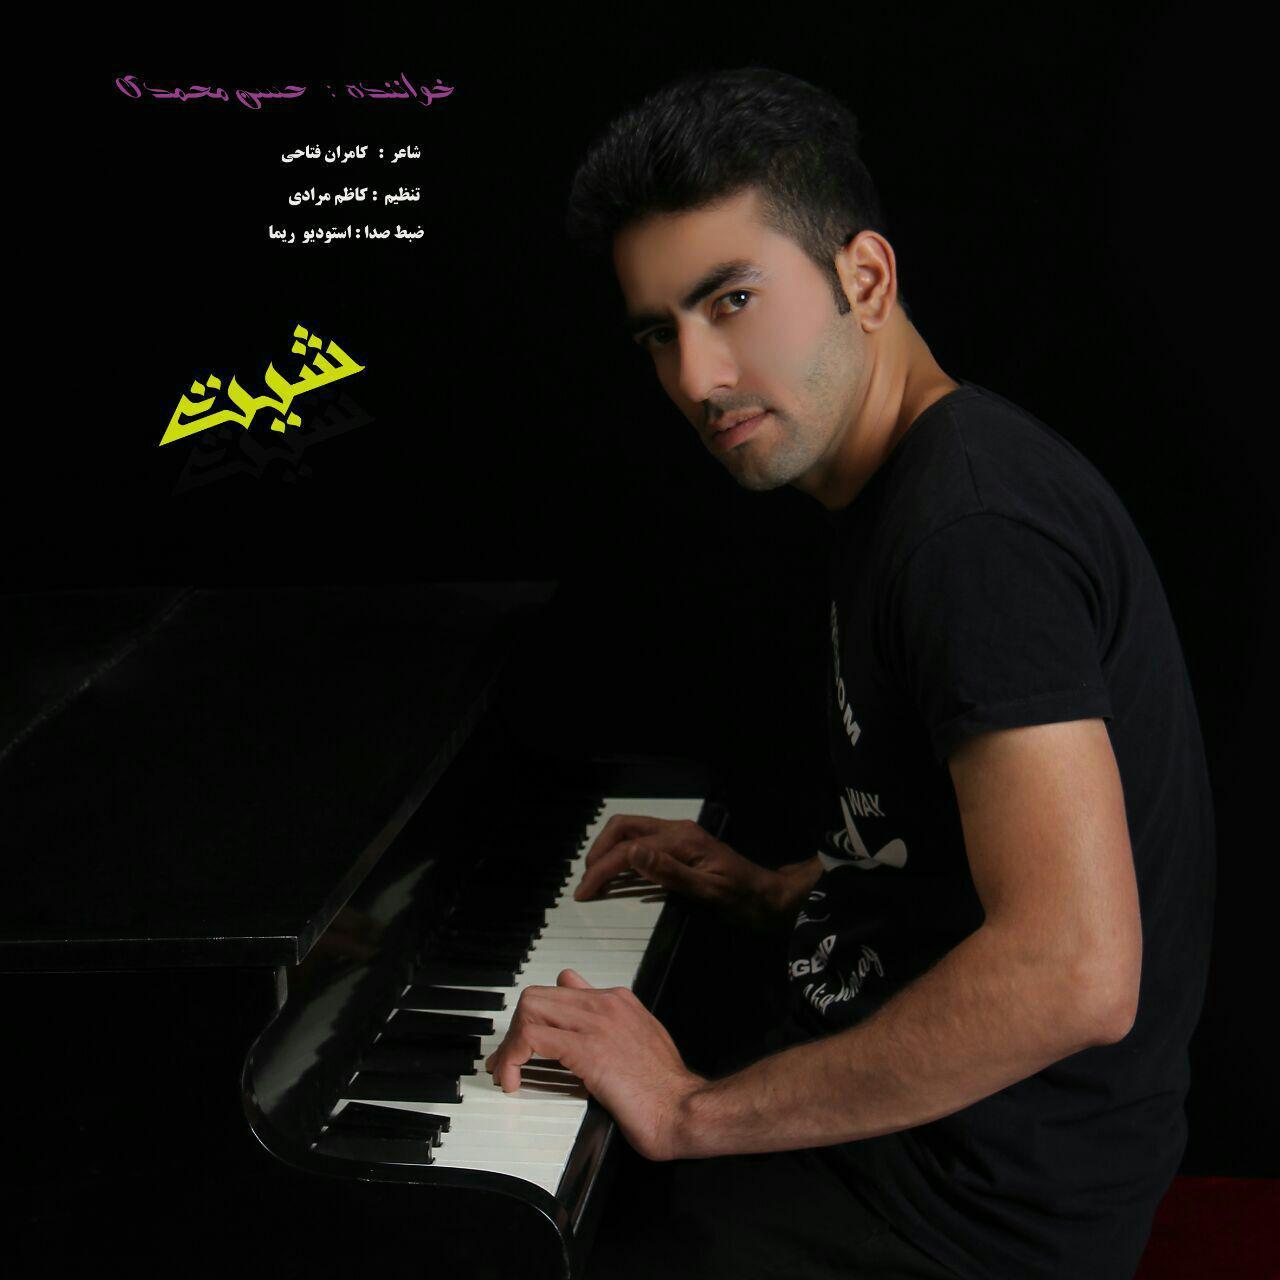 دانلود آهنگ جدید حسن محمدی به نام شیت